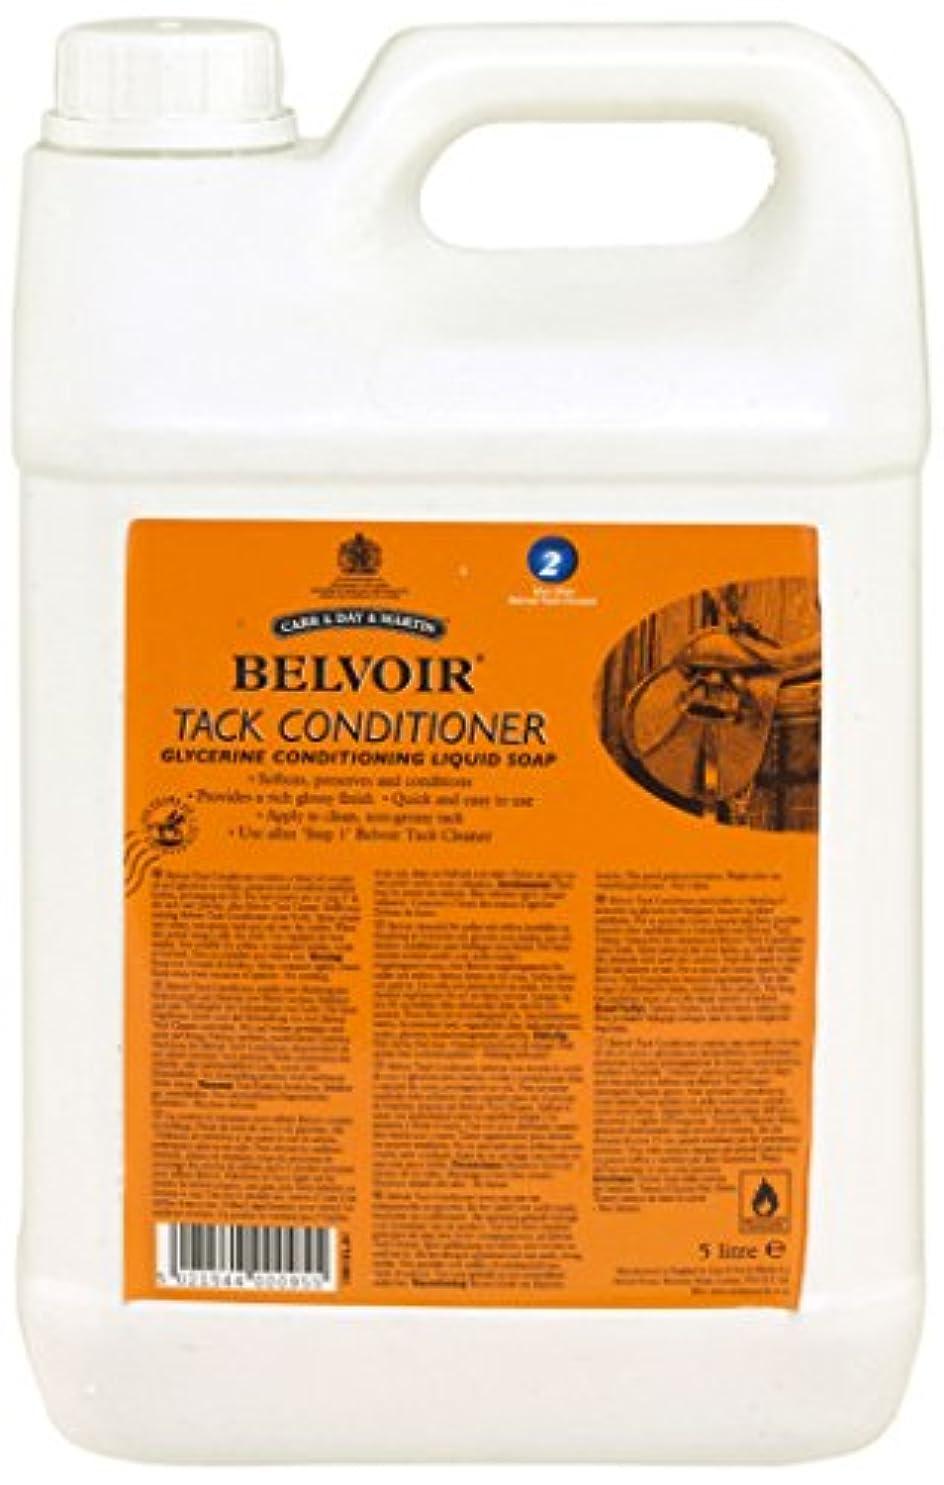 場所グリル反逆Carr & Day & Martin Belvoir Tack Conditioner ( 5l )